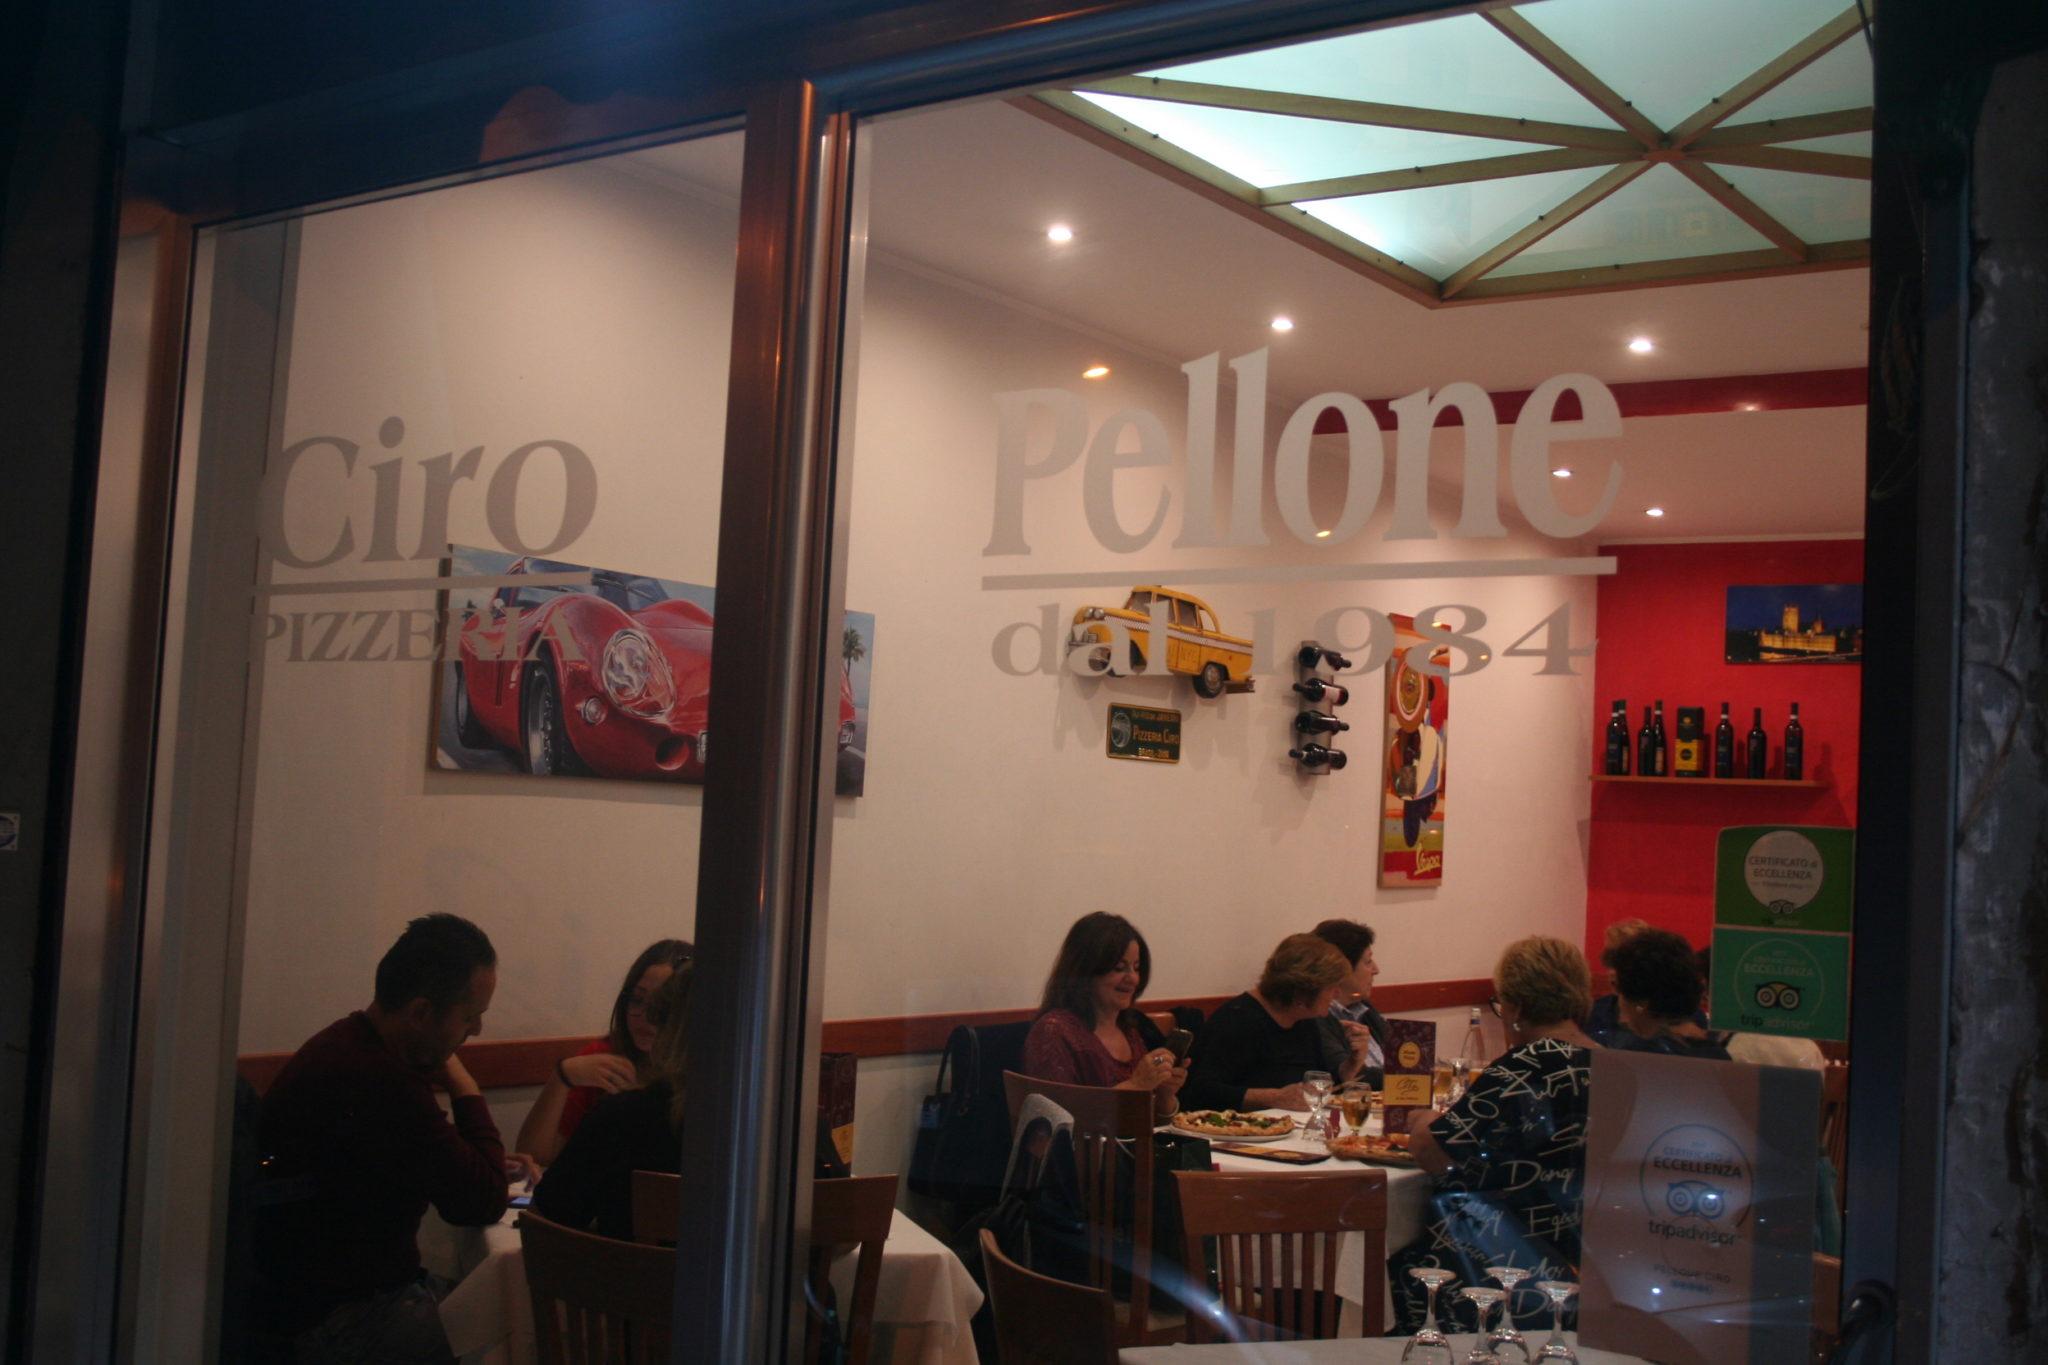 Ciro Pellone